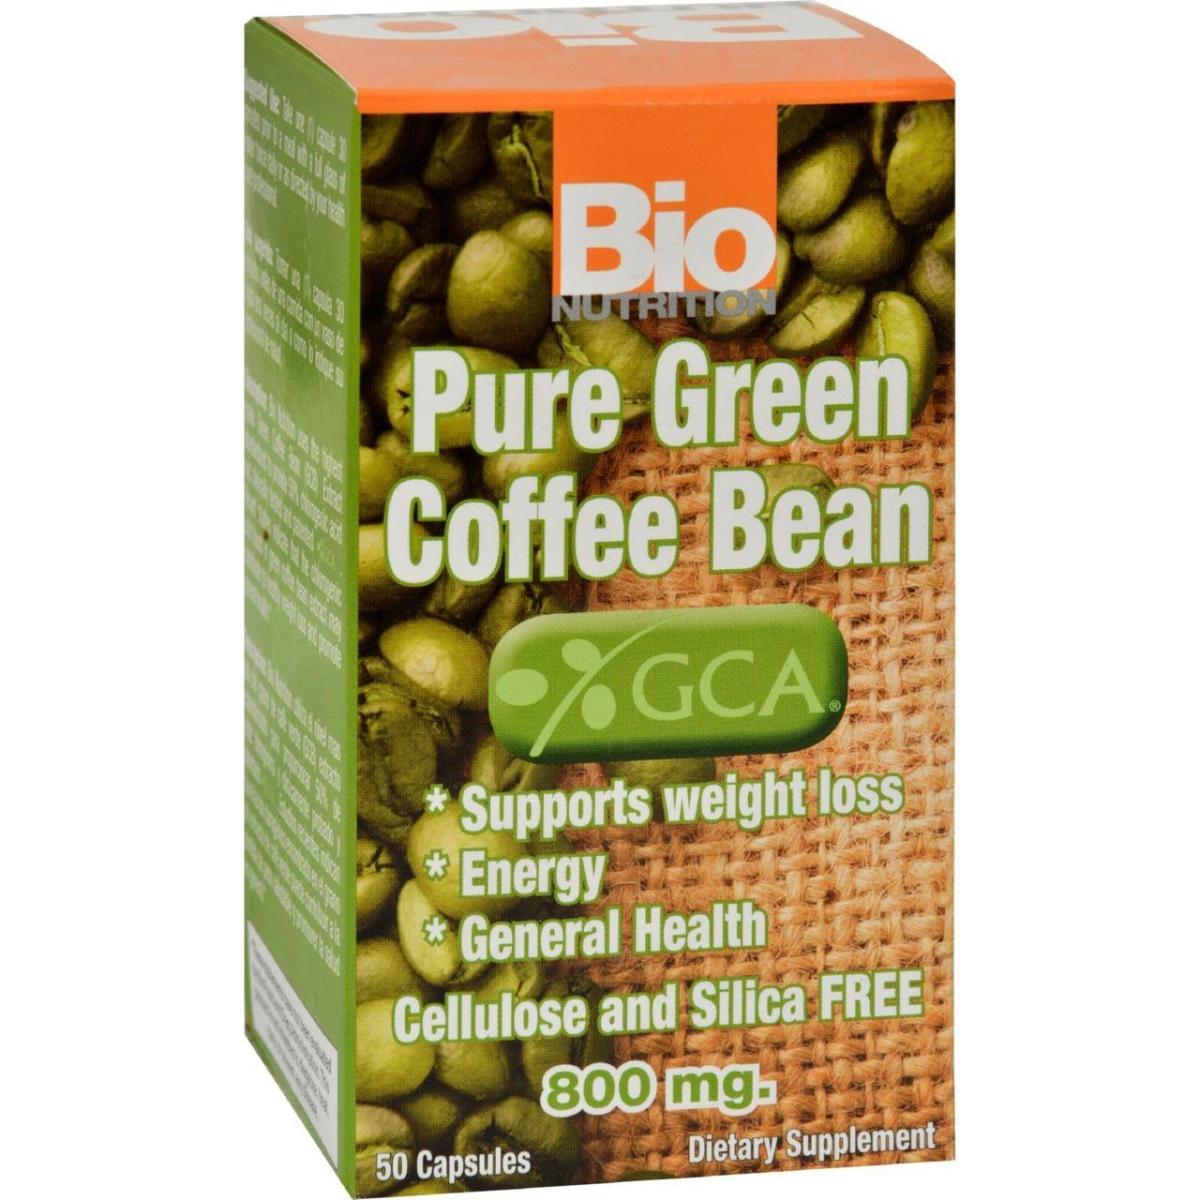 Bio Nutrition HG1143668 Pure Green Coffee Bean - 50 Gelcaps